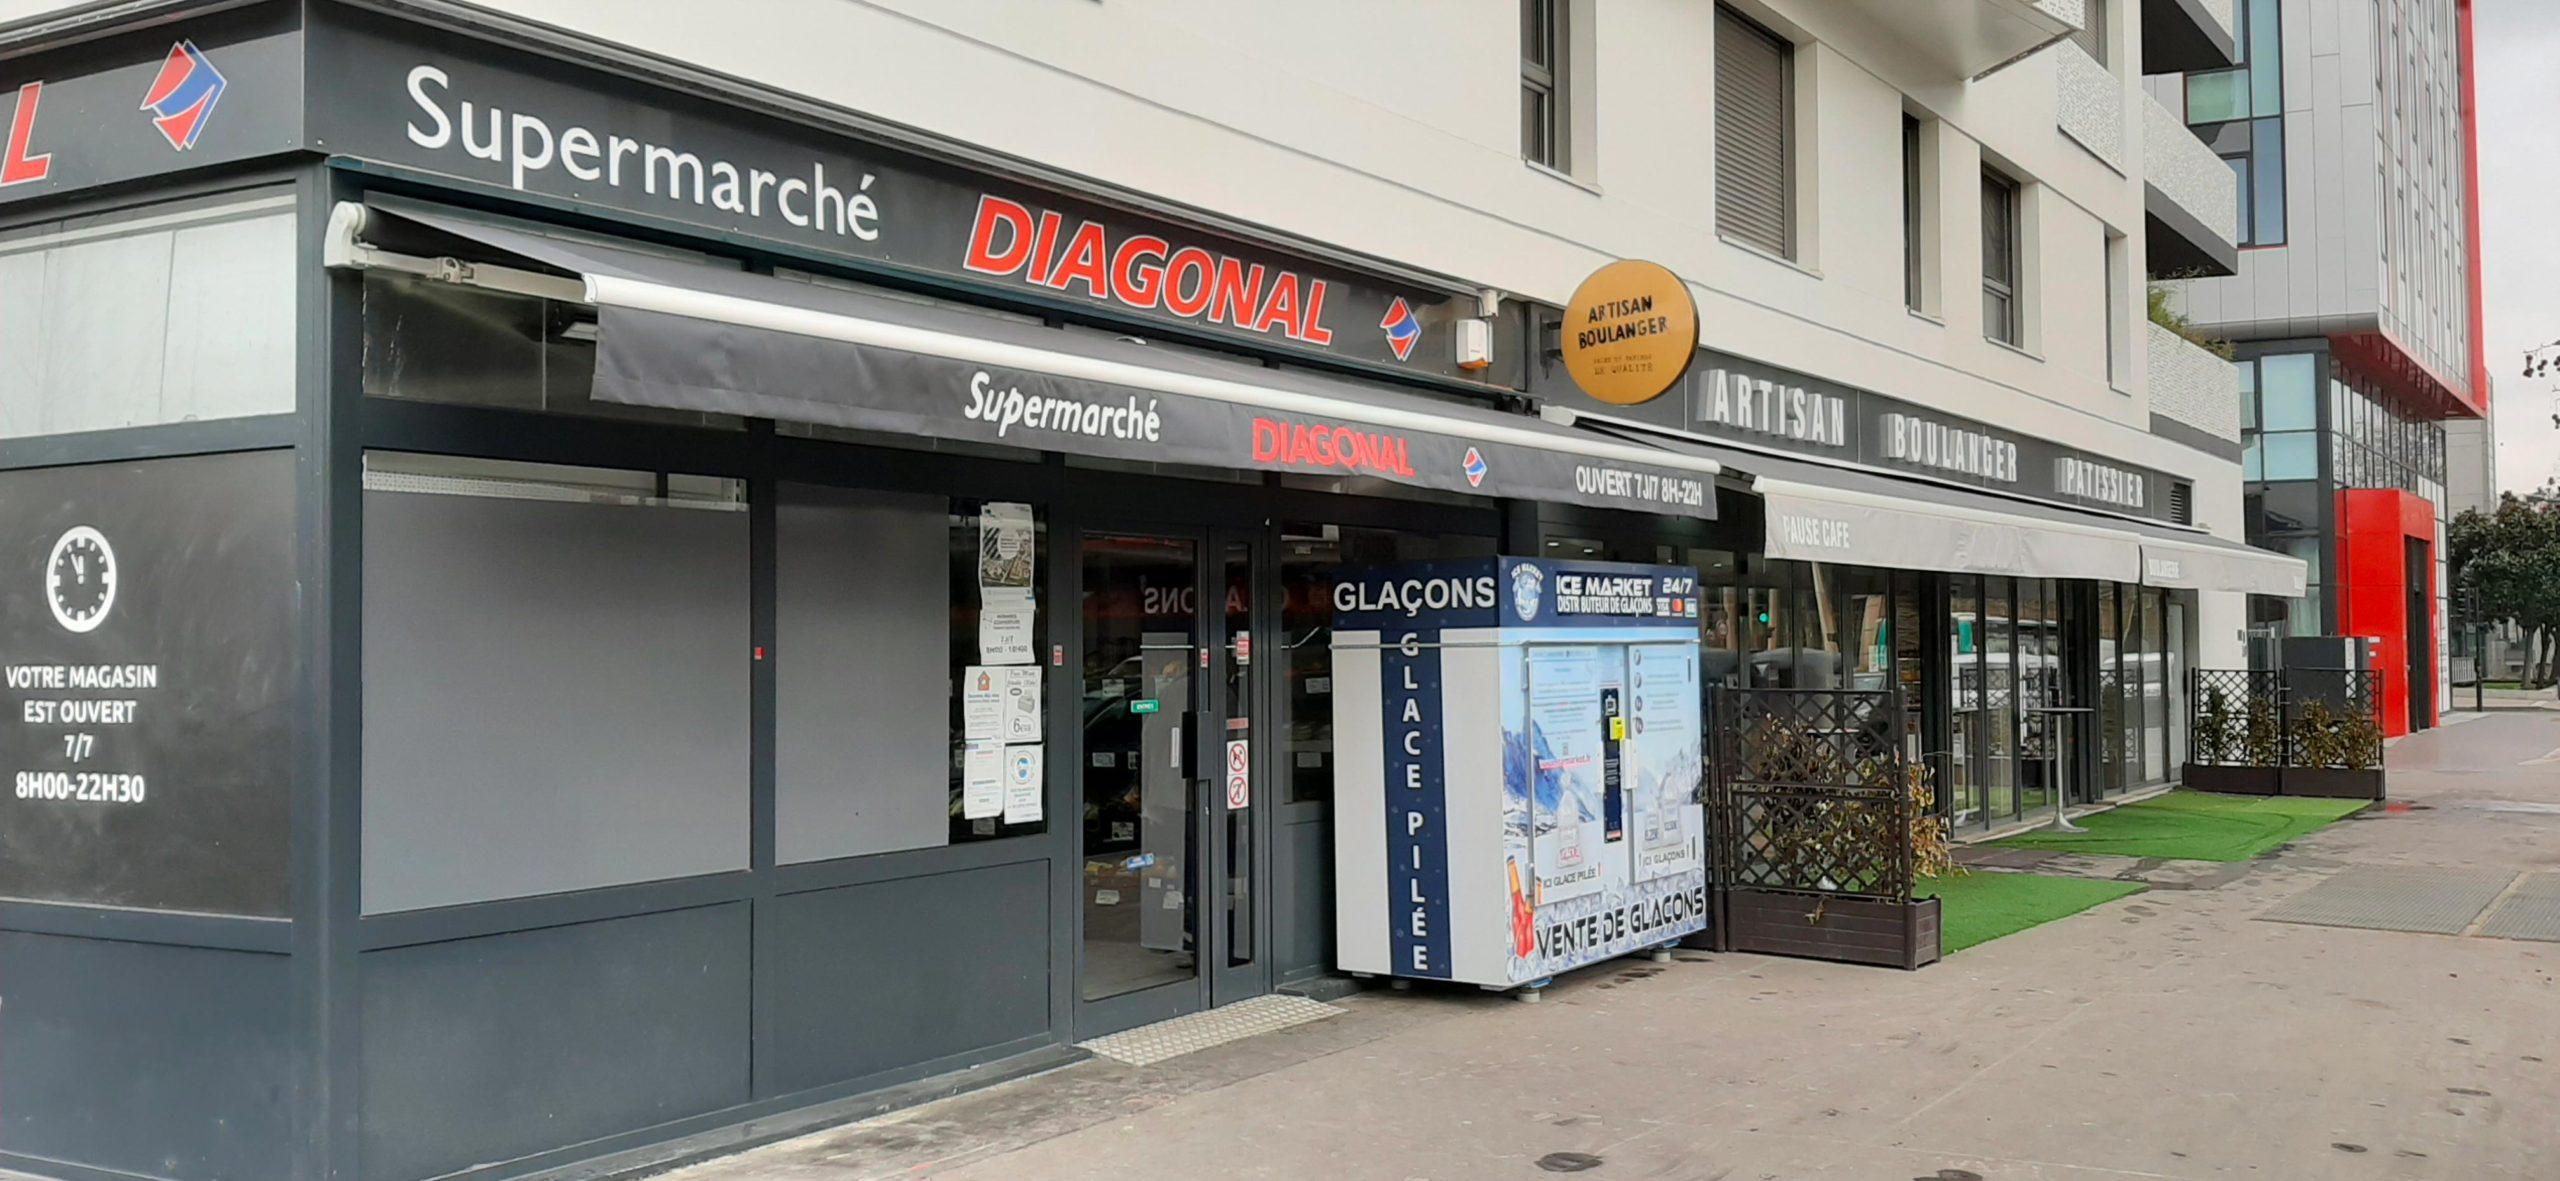 Distribteur-automatique-de-glacons-et-glace-pilee-Diagonal-Saint-Denis-futur-village-olympique